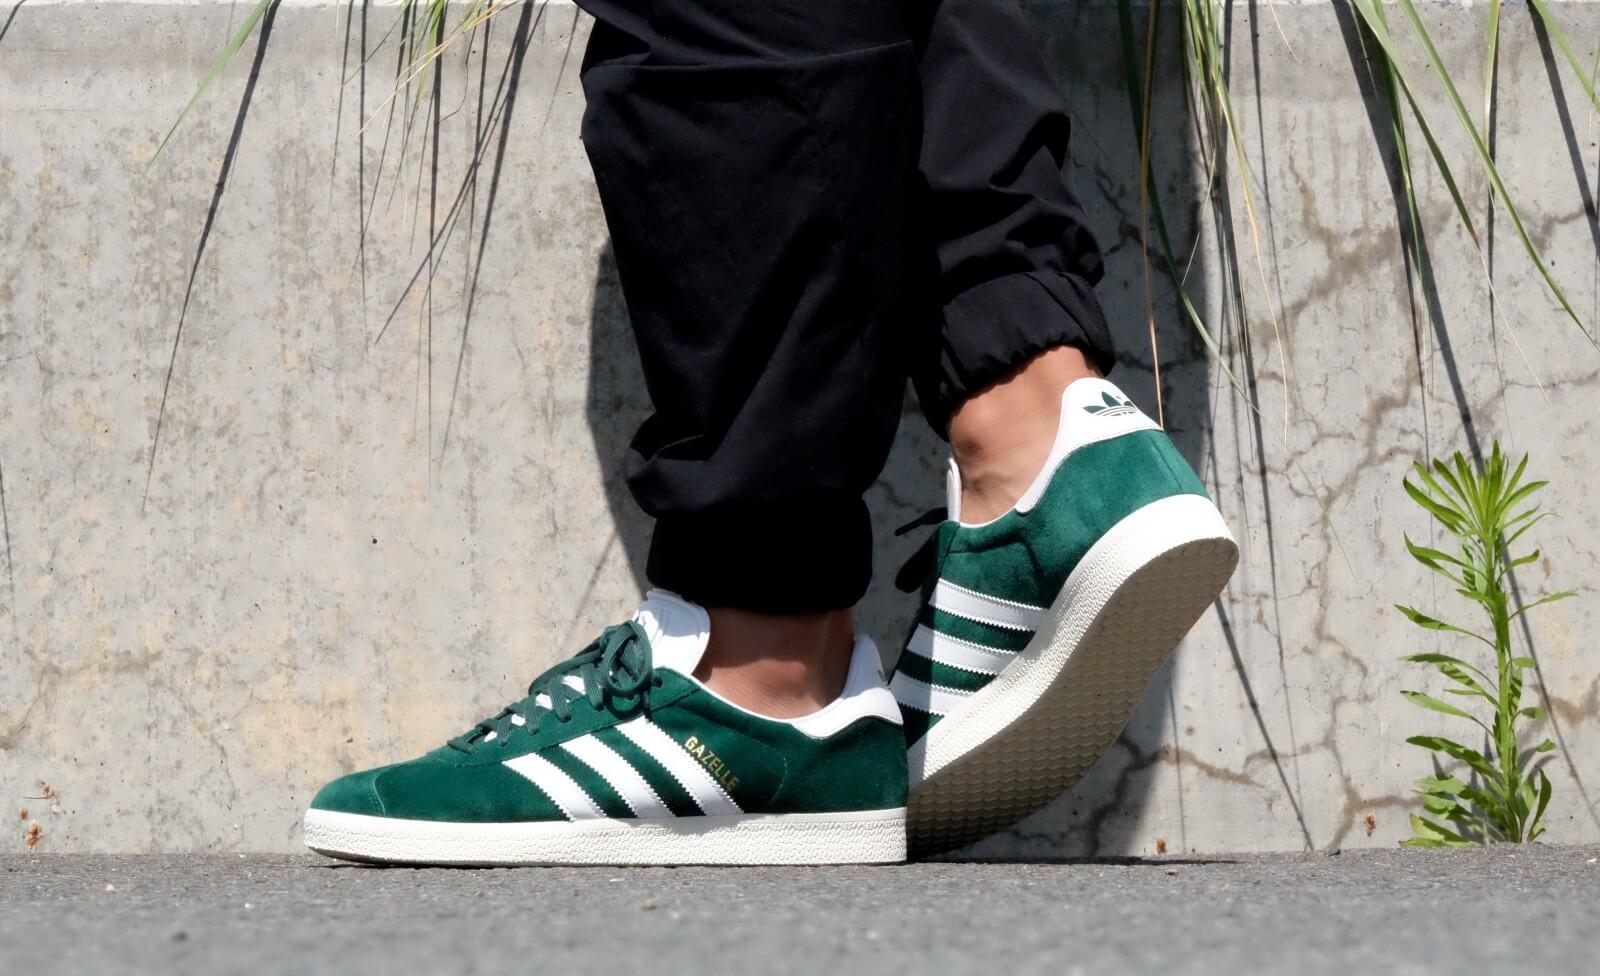 Adidas Gazelle Collegiate Green / Vintage White